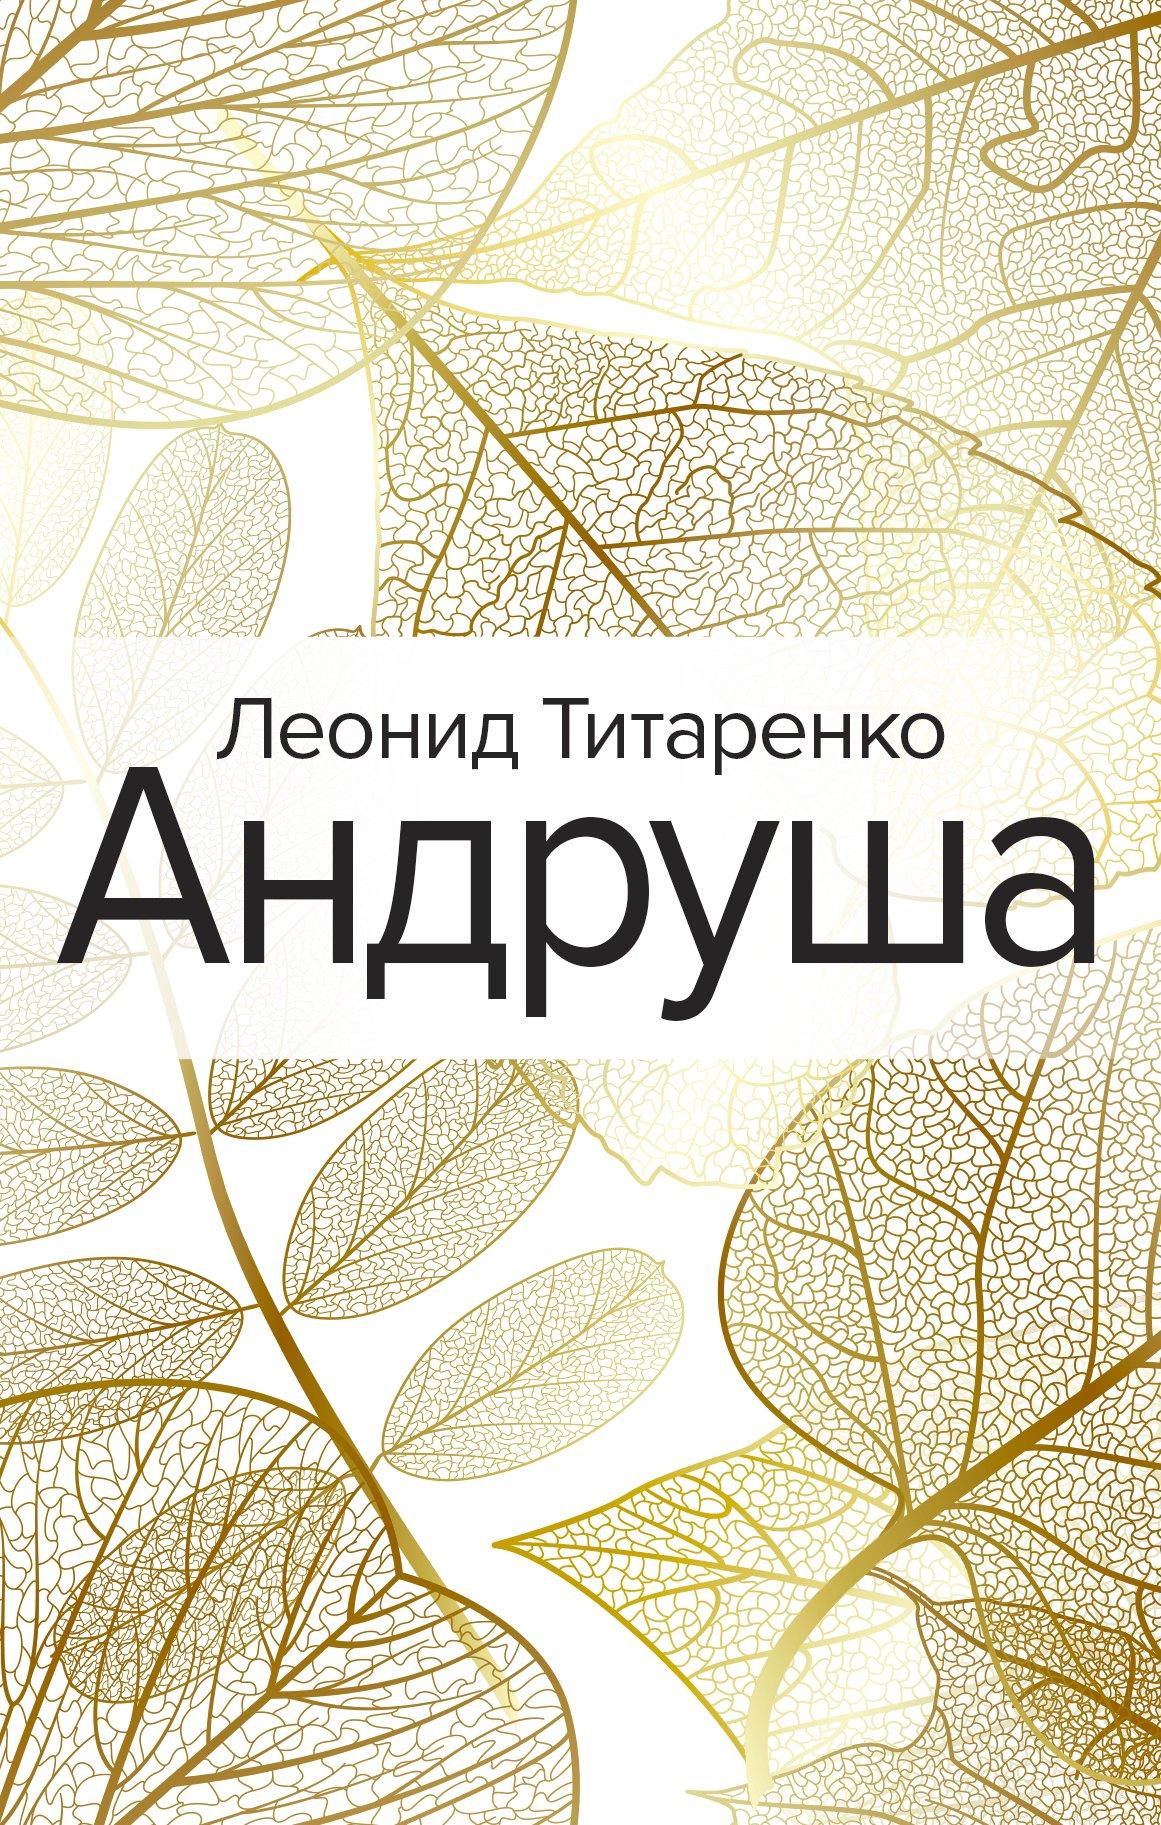 Леонид Леонидоич Титаренко Андруша. от это от сё